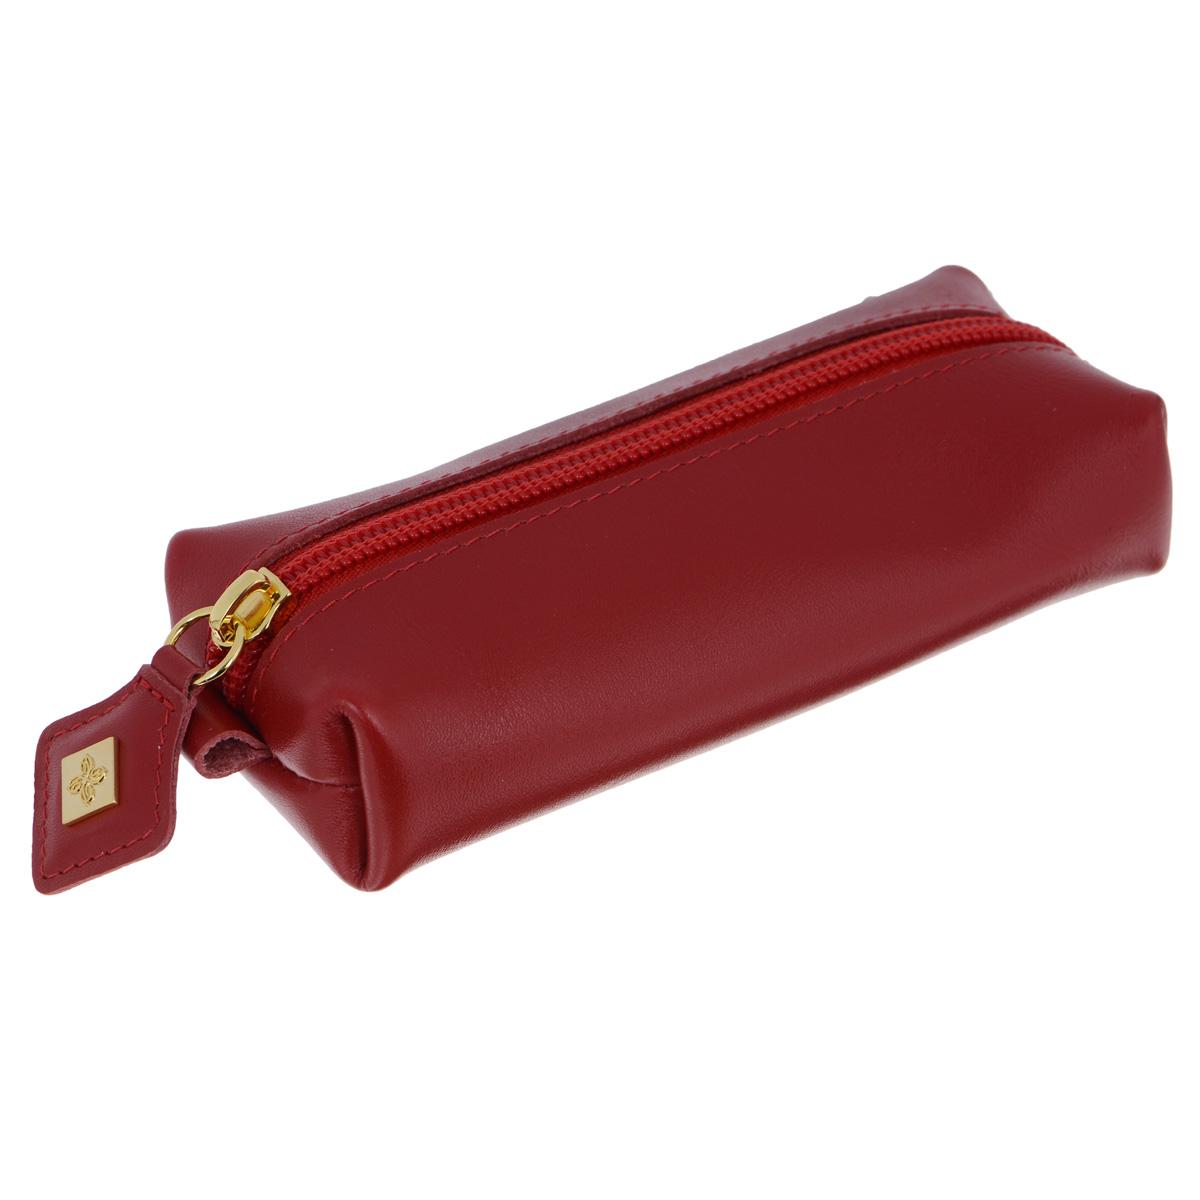 Ключница Dimanche Elite, цвет: красный. 841841Стильная ключница Dimanche Elite Purpur изготовлена из натуральной кожи. Модель оформлена небольшой металлической пластиной с логотипом бренда. Ключница закрывается на застежку-молнию. Внутреннее отделение дополнено хлястиком с металлическим кольцом для крепления ключей. Модная ключница прекрасно дополнит ваш образ и станет незаменимым аксессуаром на каждый день.